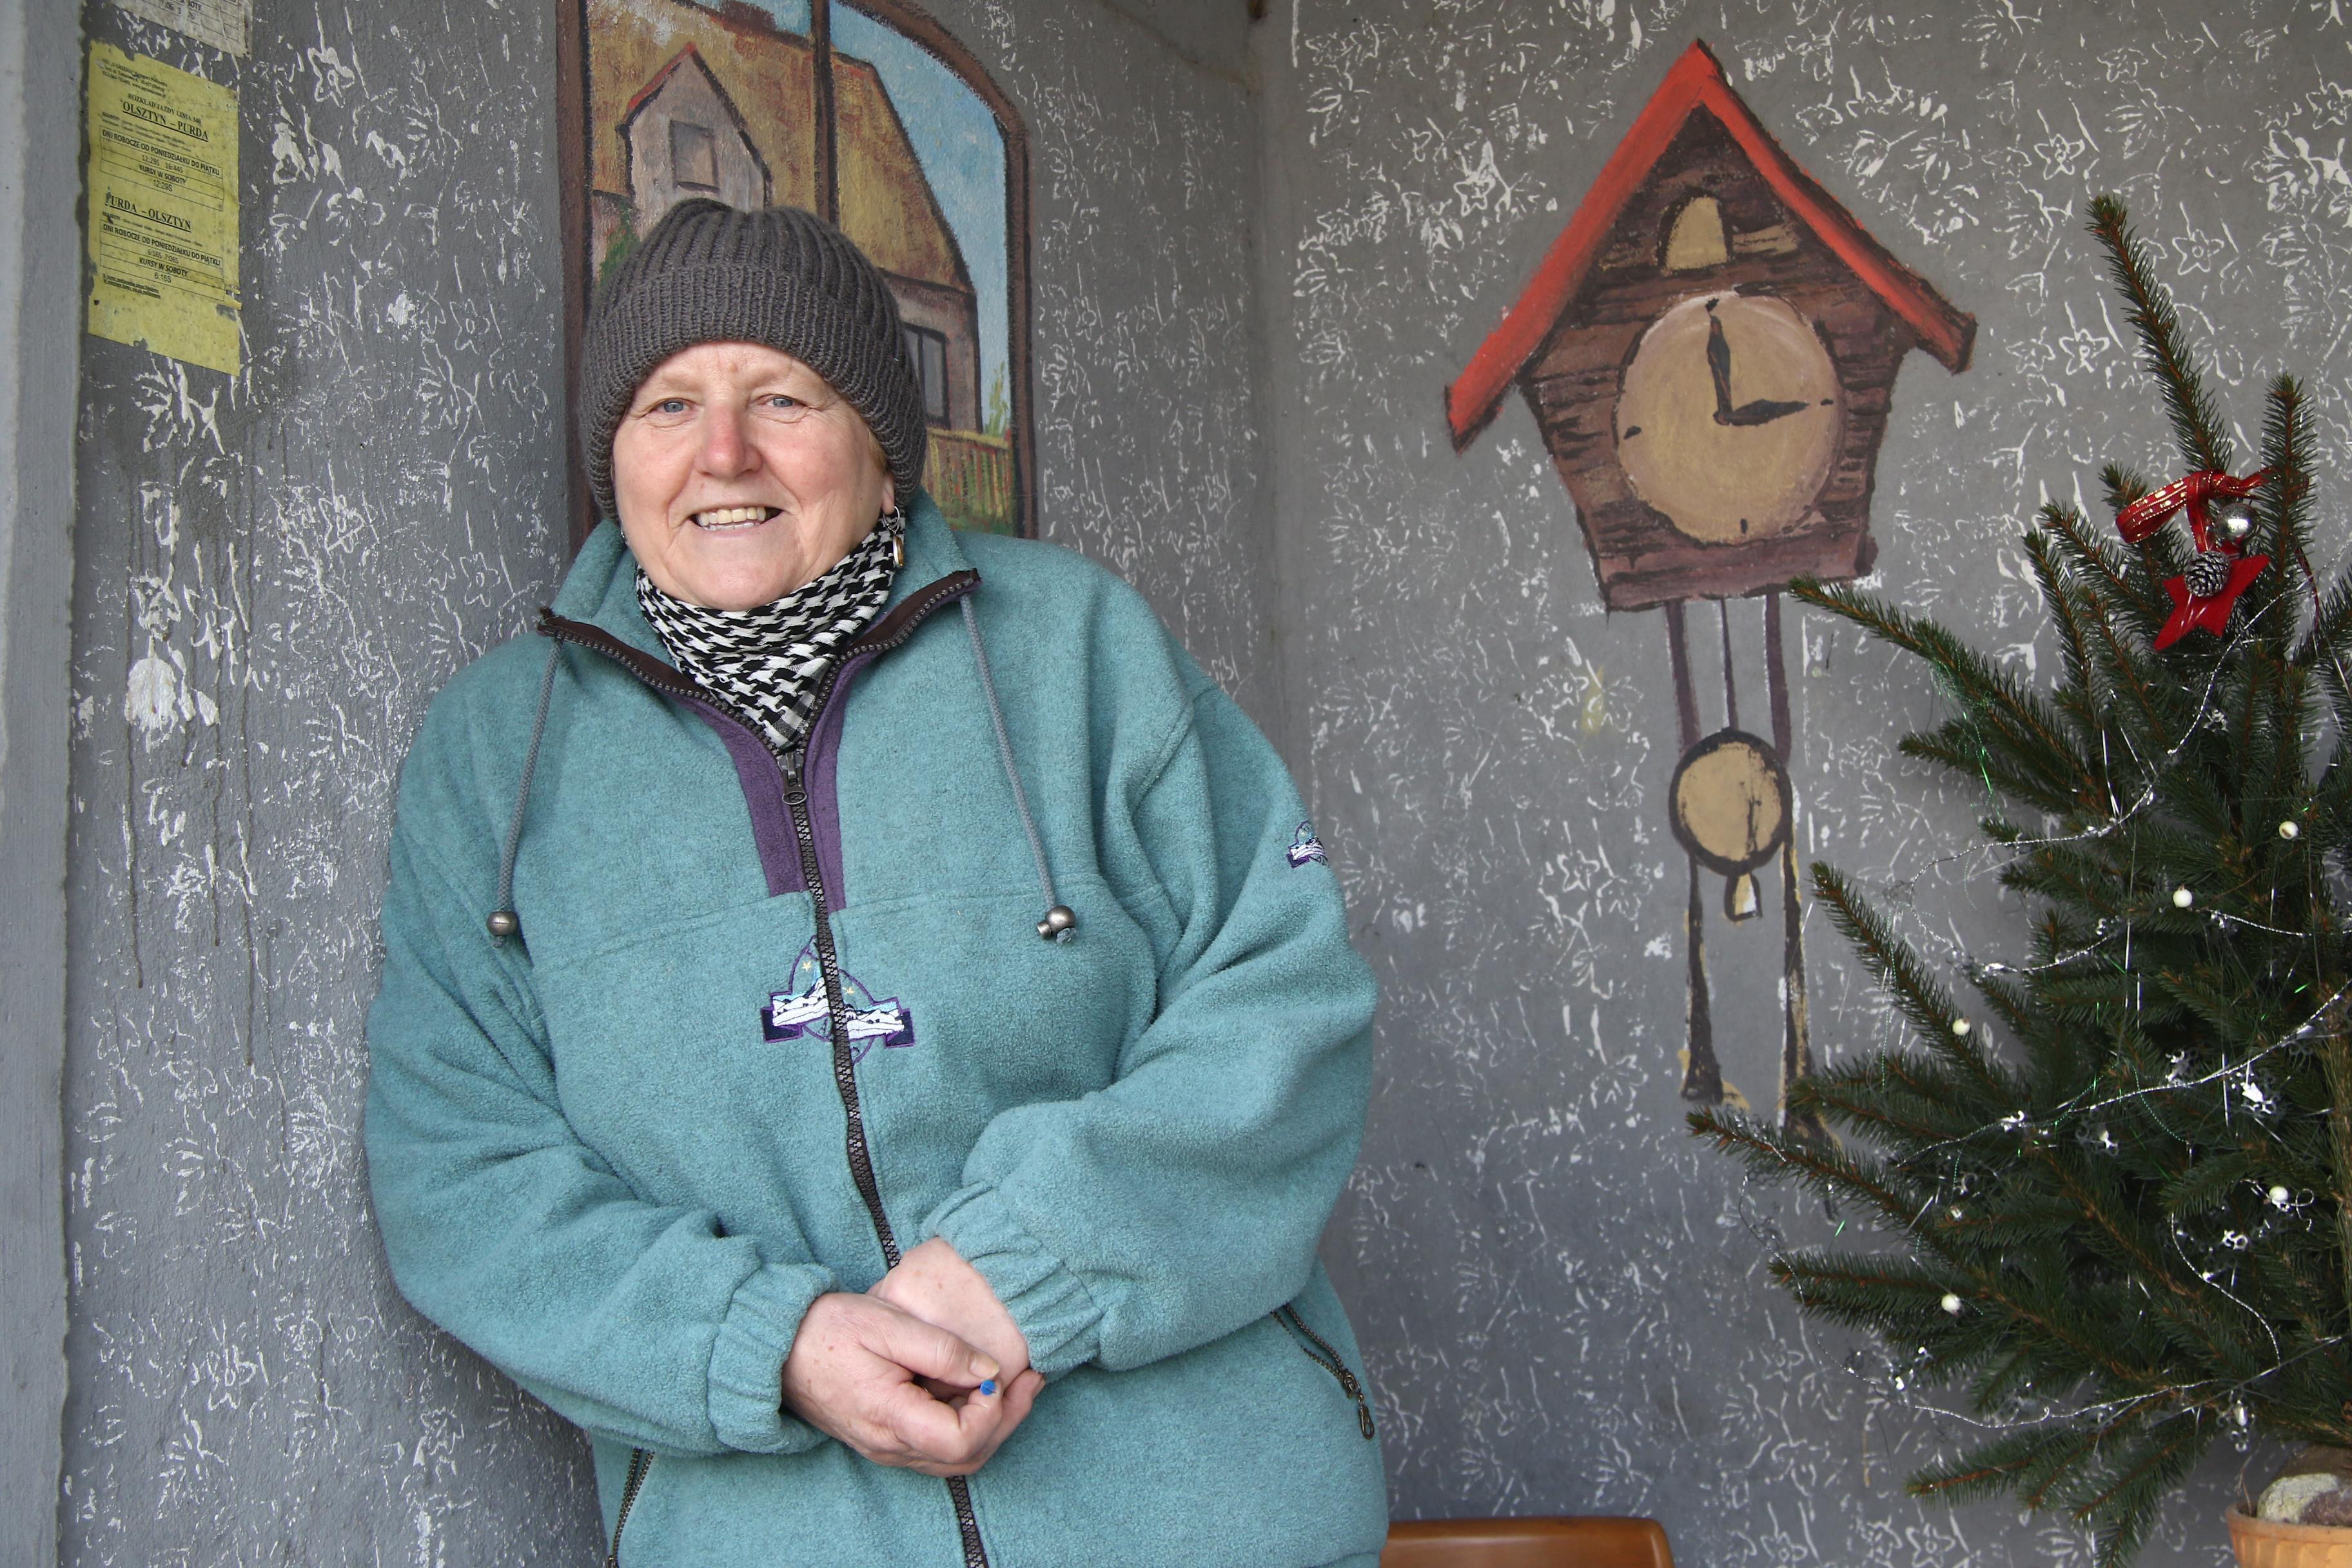 Niezwykły przystanek we wsi Skajboty  Skajboty- gm. Barczewo. Mieszkańcy wsi w niecodzienny sposób ozdobili przystanek autobusowy. Urządzili wnętrze jak wiejską kuchnię. Nz. Barbara Kosowska - Sołtys wsi Skajboty